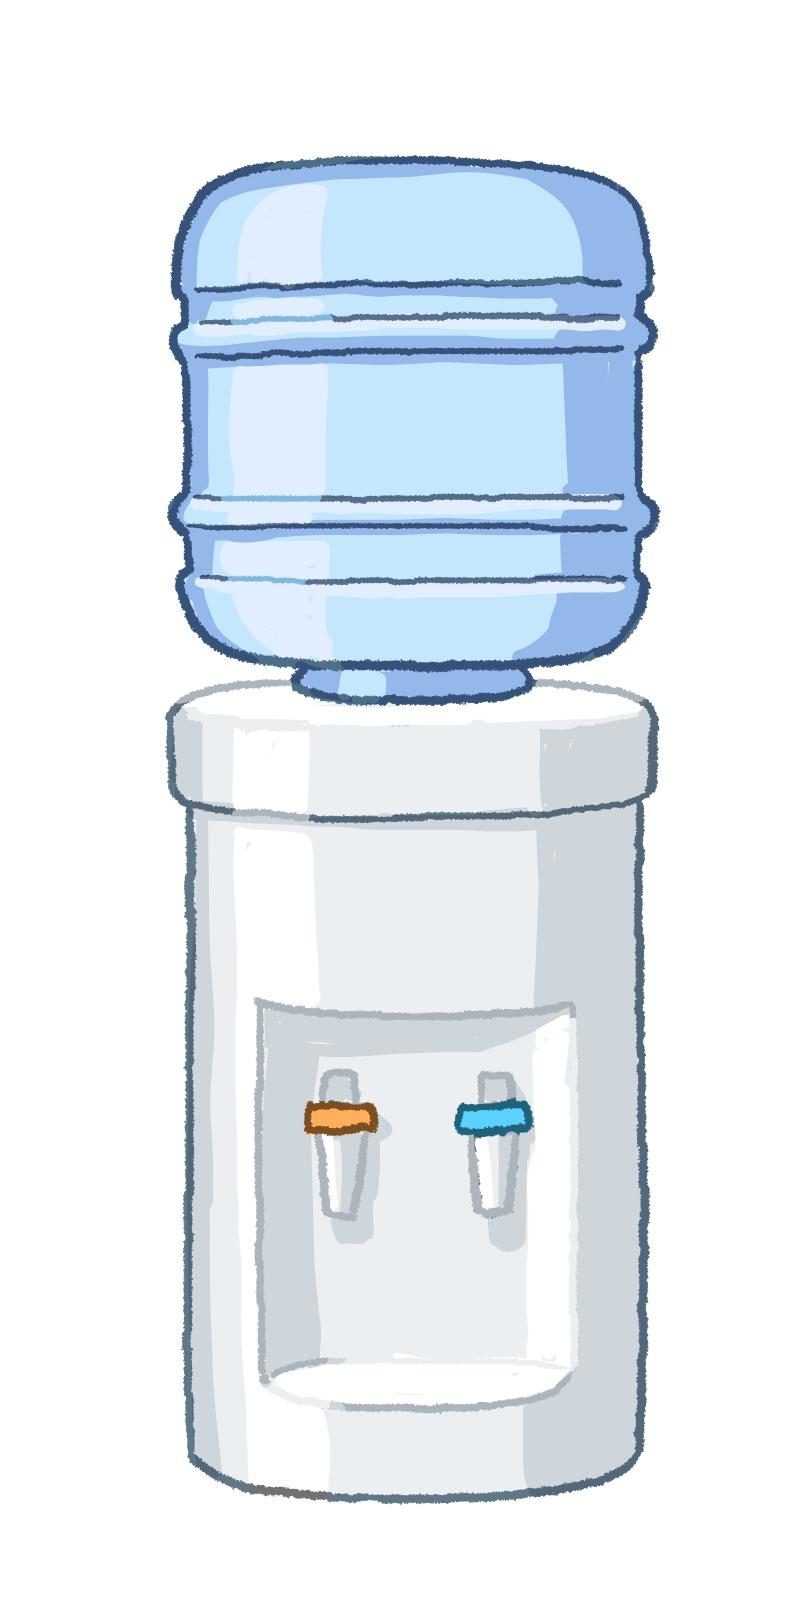 法人用ウォーターサーバーとして人気があるボトル型ウォーターサーバー